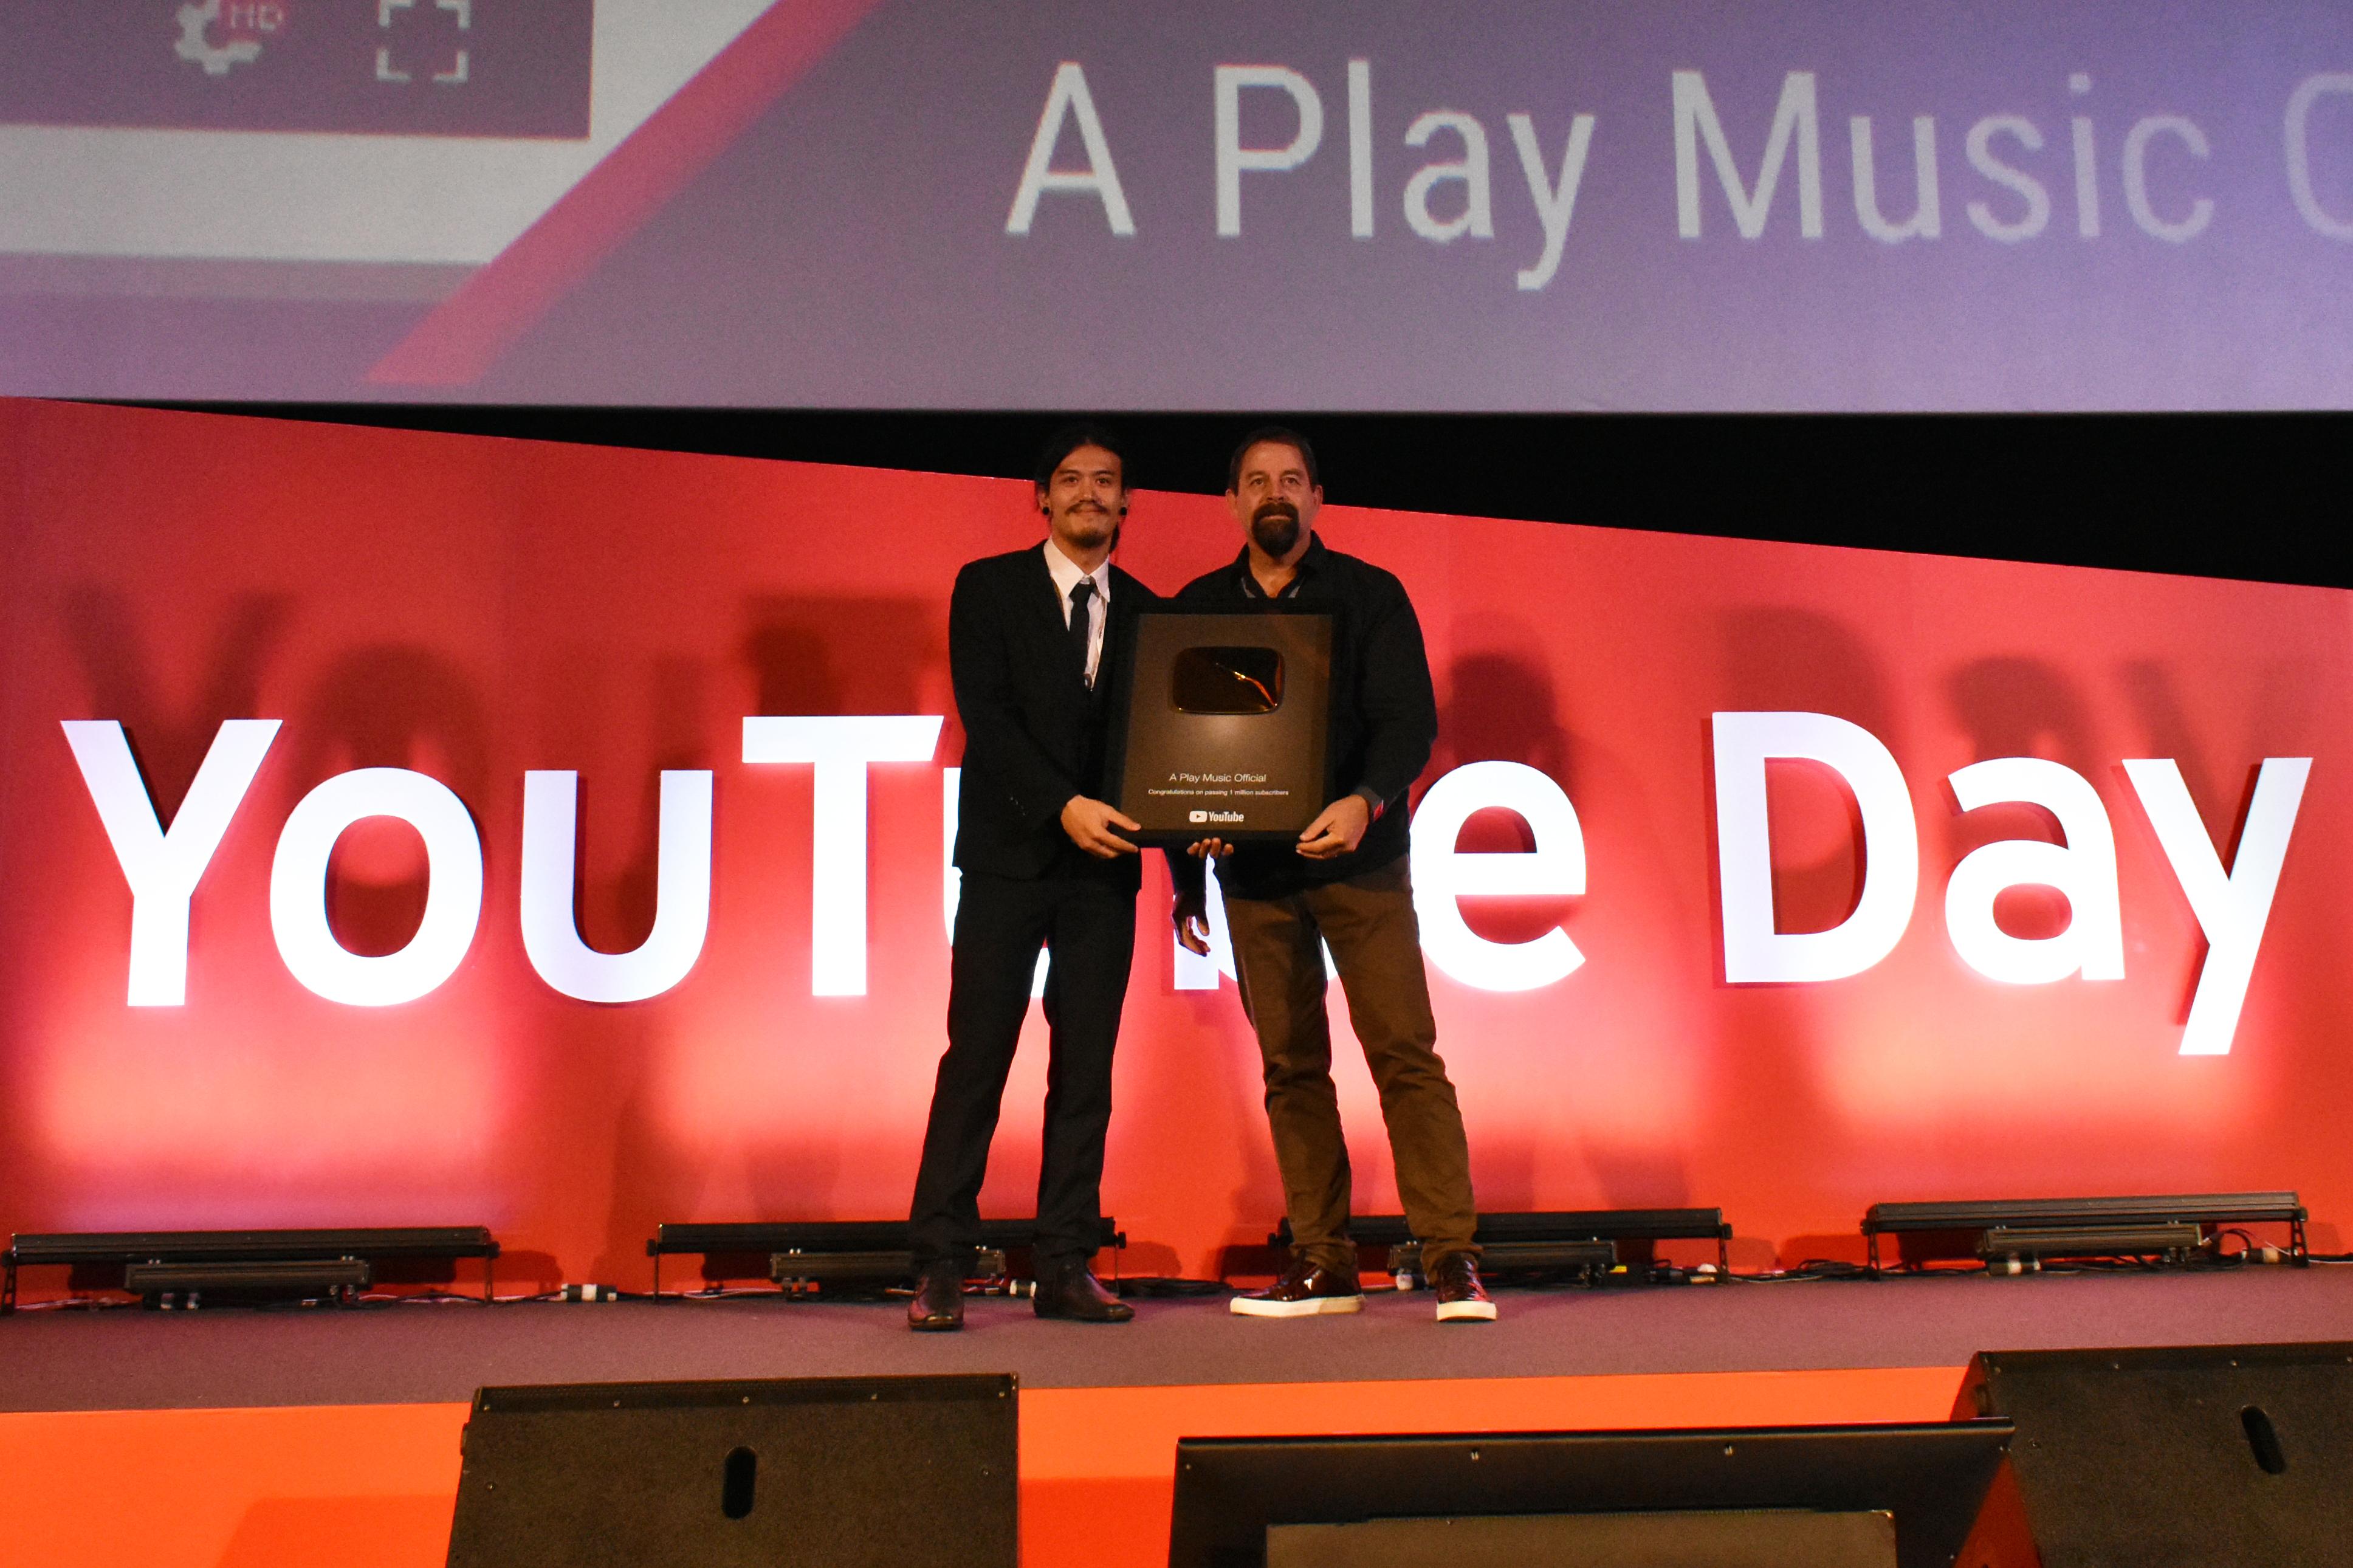 สดๆร้อนๆ อาร์ท นักร้องนำวงT_T(ทีที) เป็นตัวแทนขึ้นรับรางวัล Gold Button ในงาน Youtube Day 2018